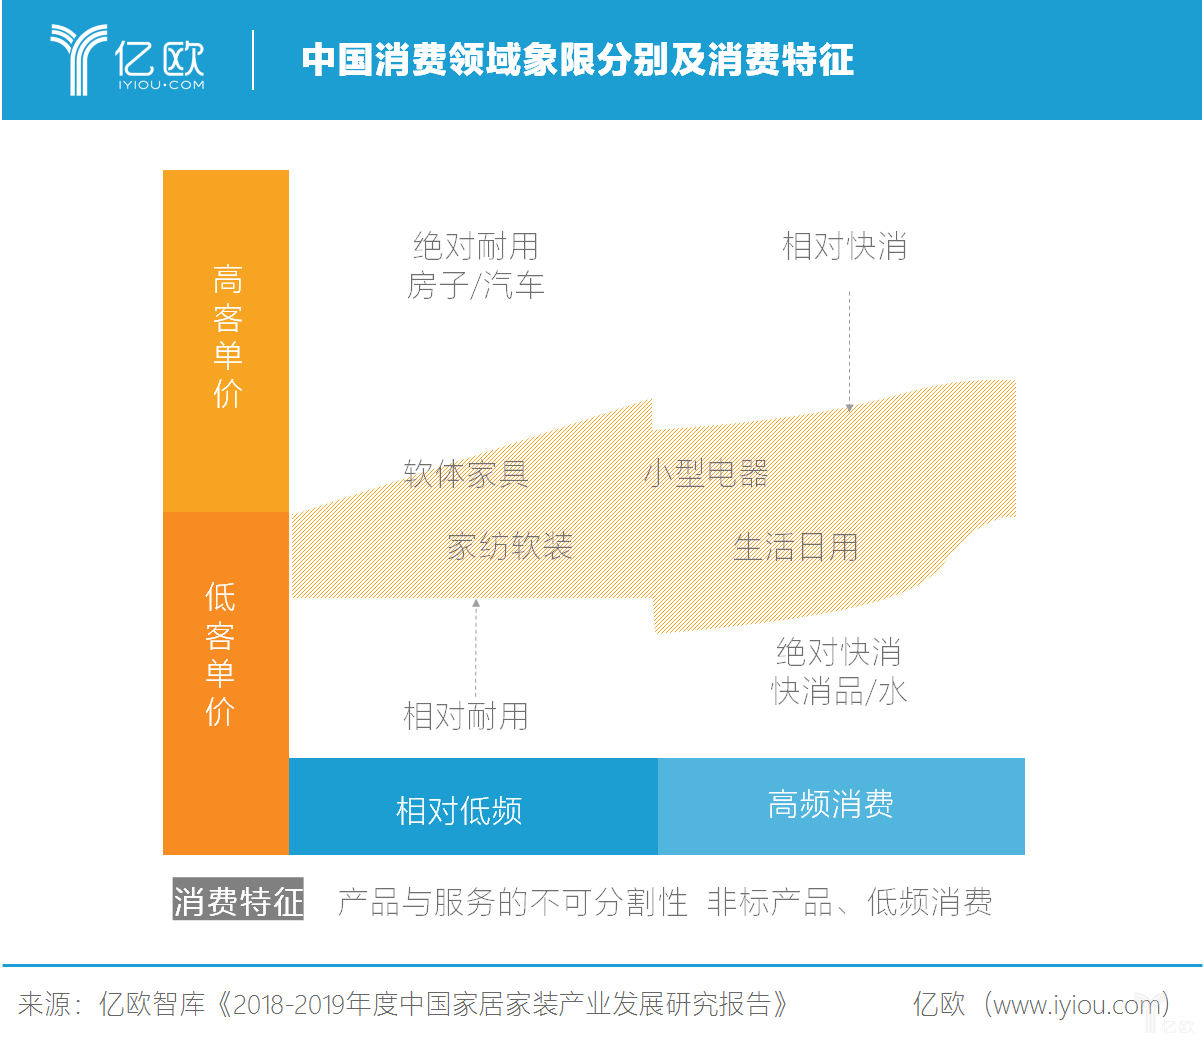 中国消费领域象限分别及消费特征